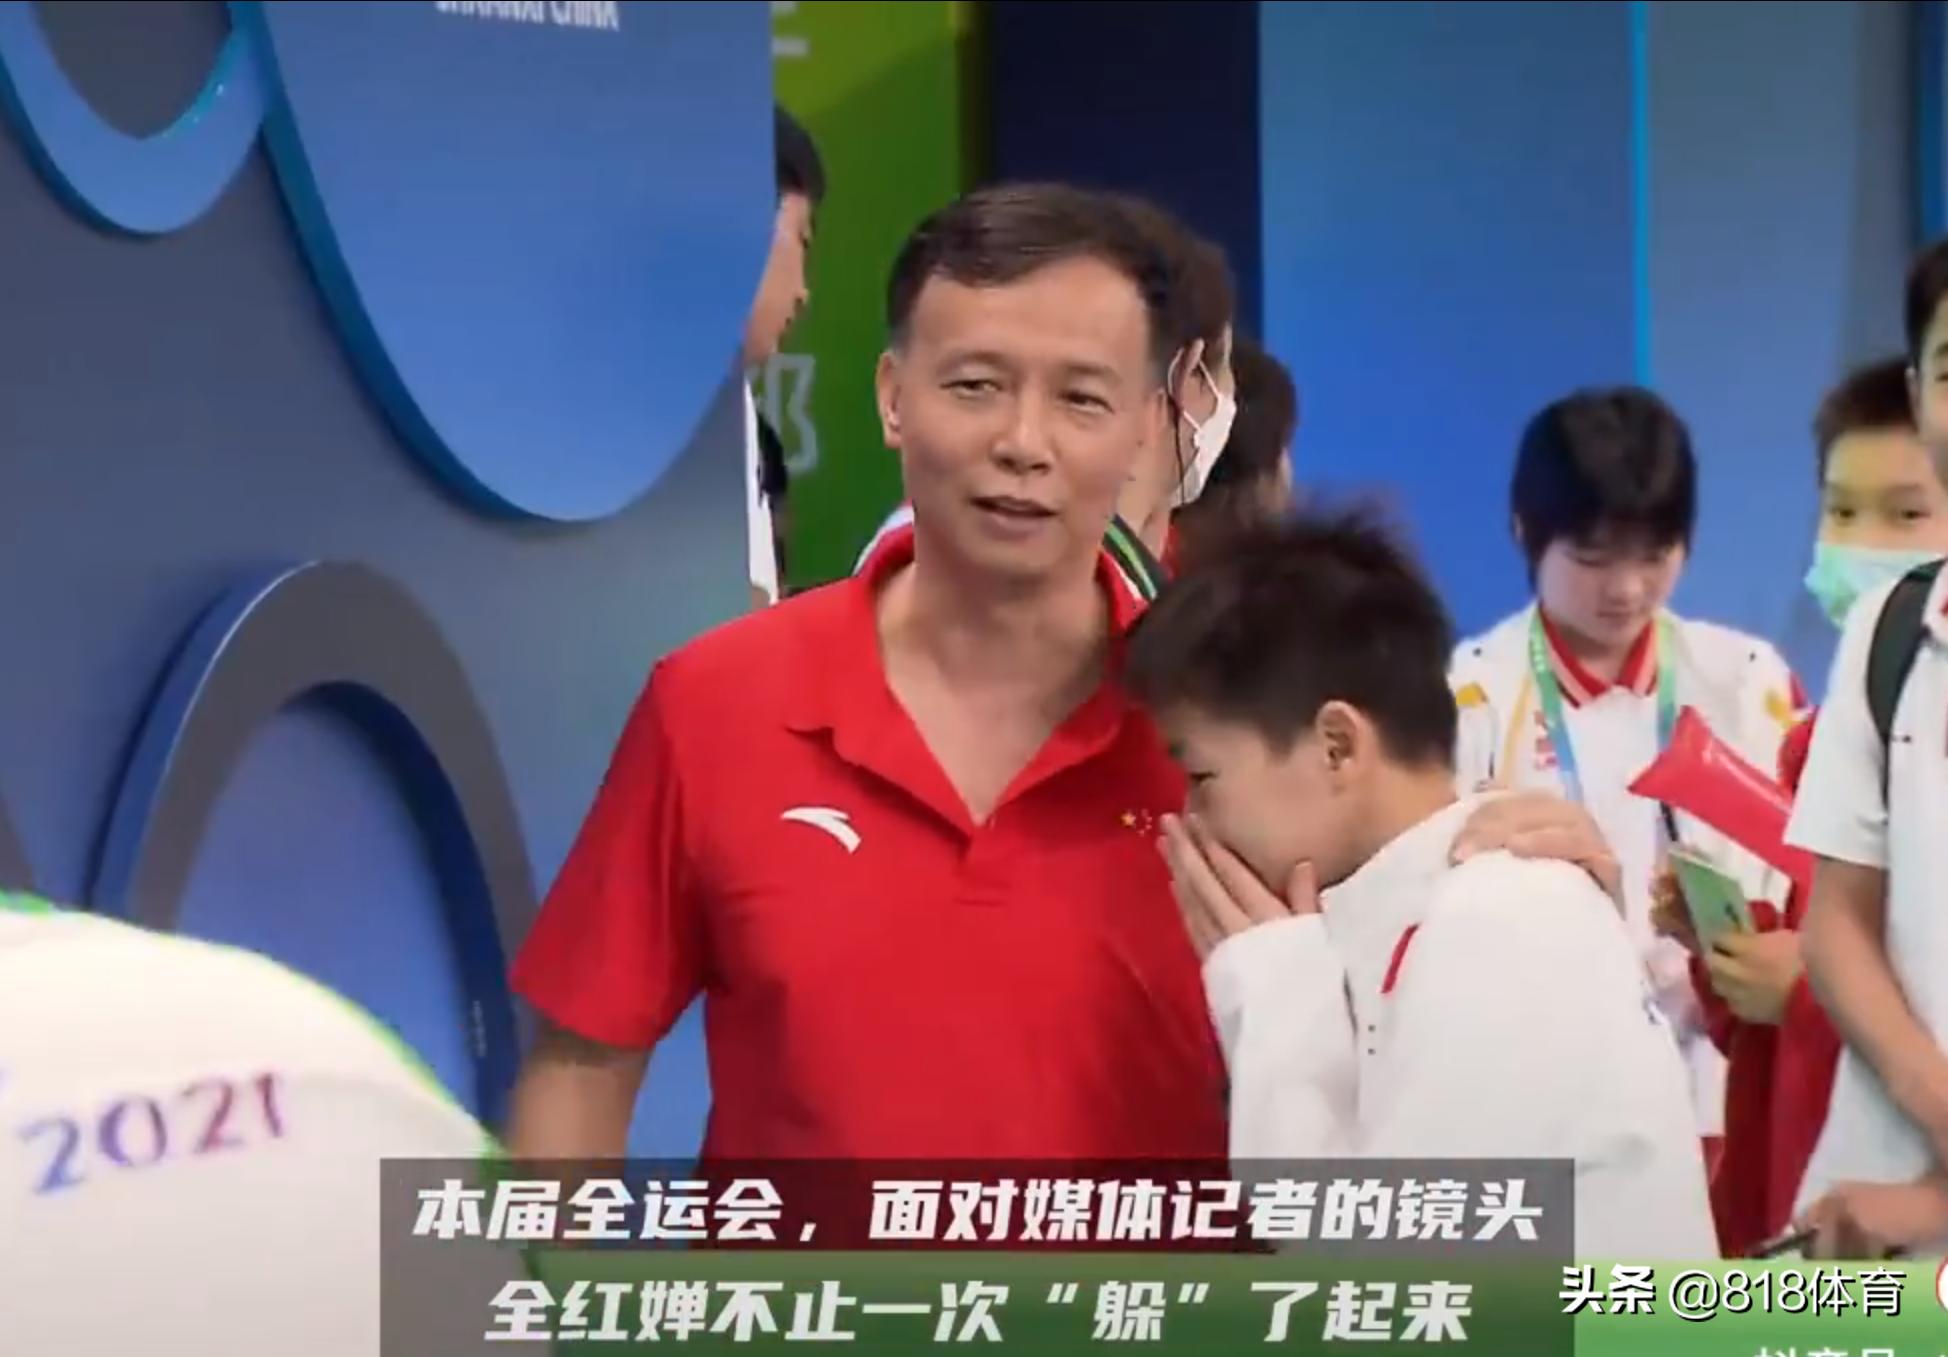 可爱!全红婵经过混采区被记者拉着采访,何教练赶紧薅衣领将她拽走